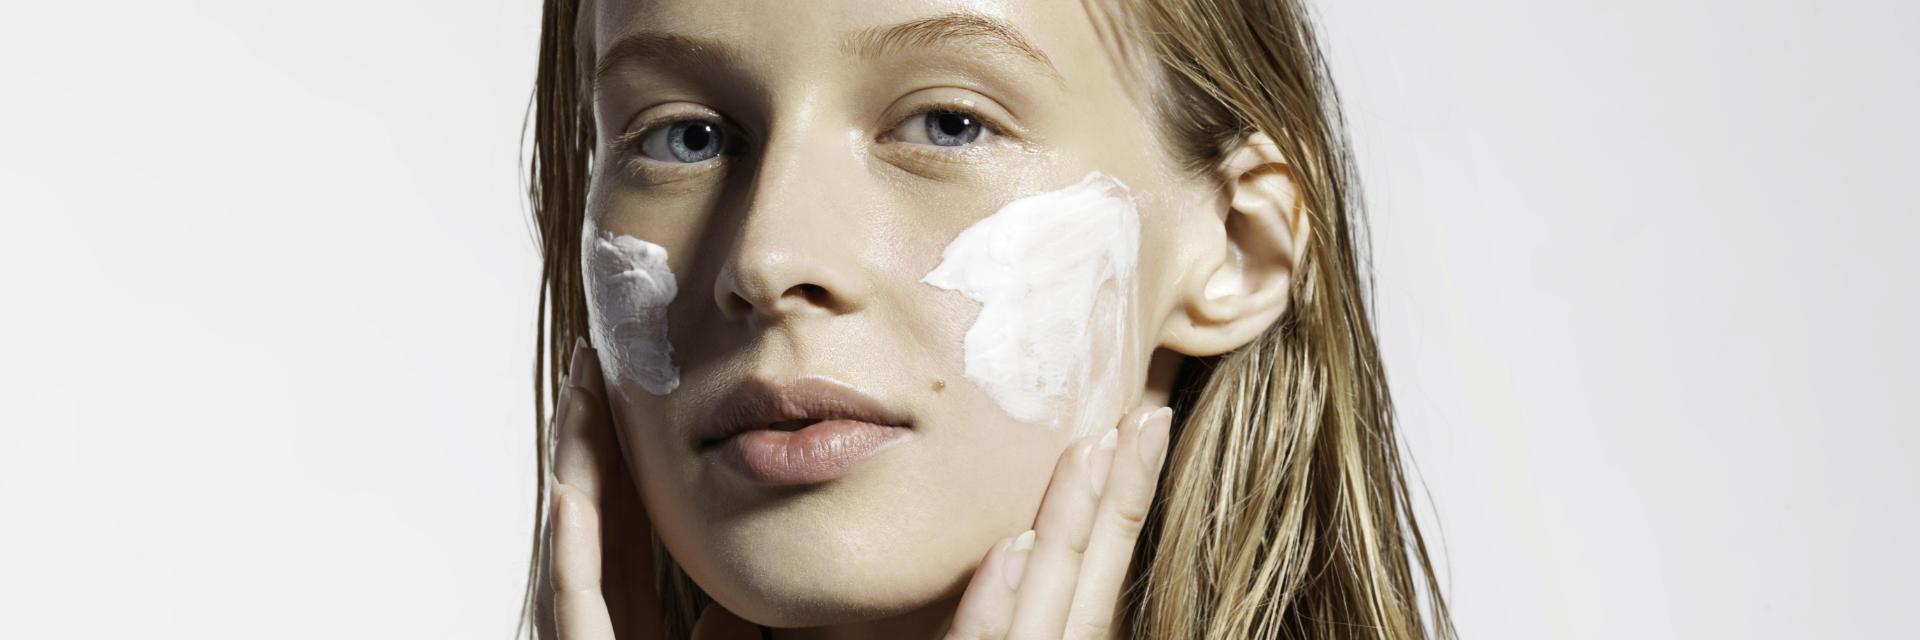 Young woman applying facial cream